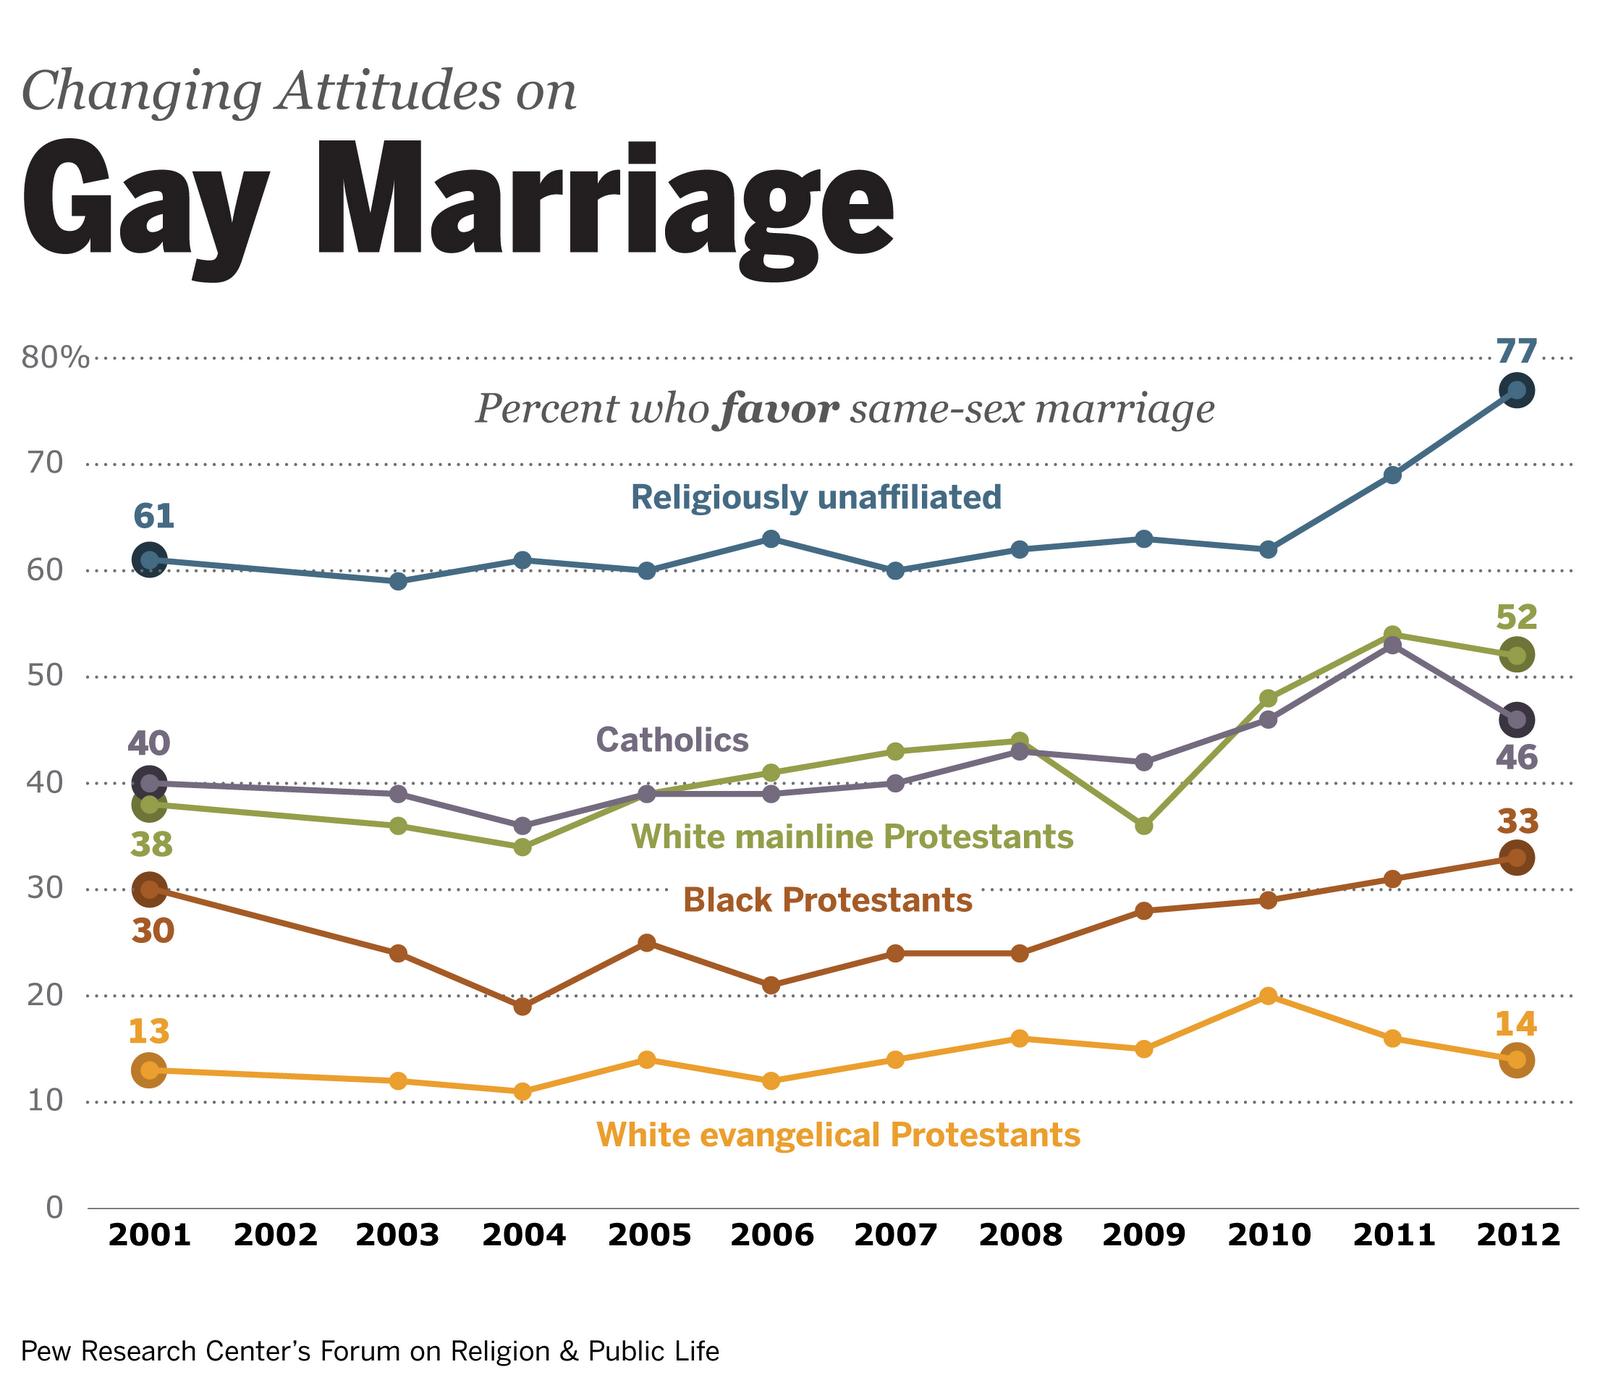 http://3.bp.blogspot.com/-GaztTanidkQ/T5h3Gqpp7fI/AAAAAAAAA2E/r3WhUlr2nhI/s1600/Samesexmarriage-download-slide-004png.png